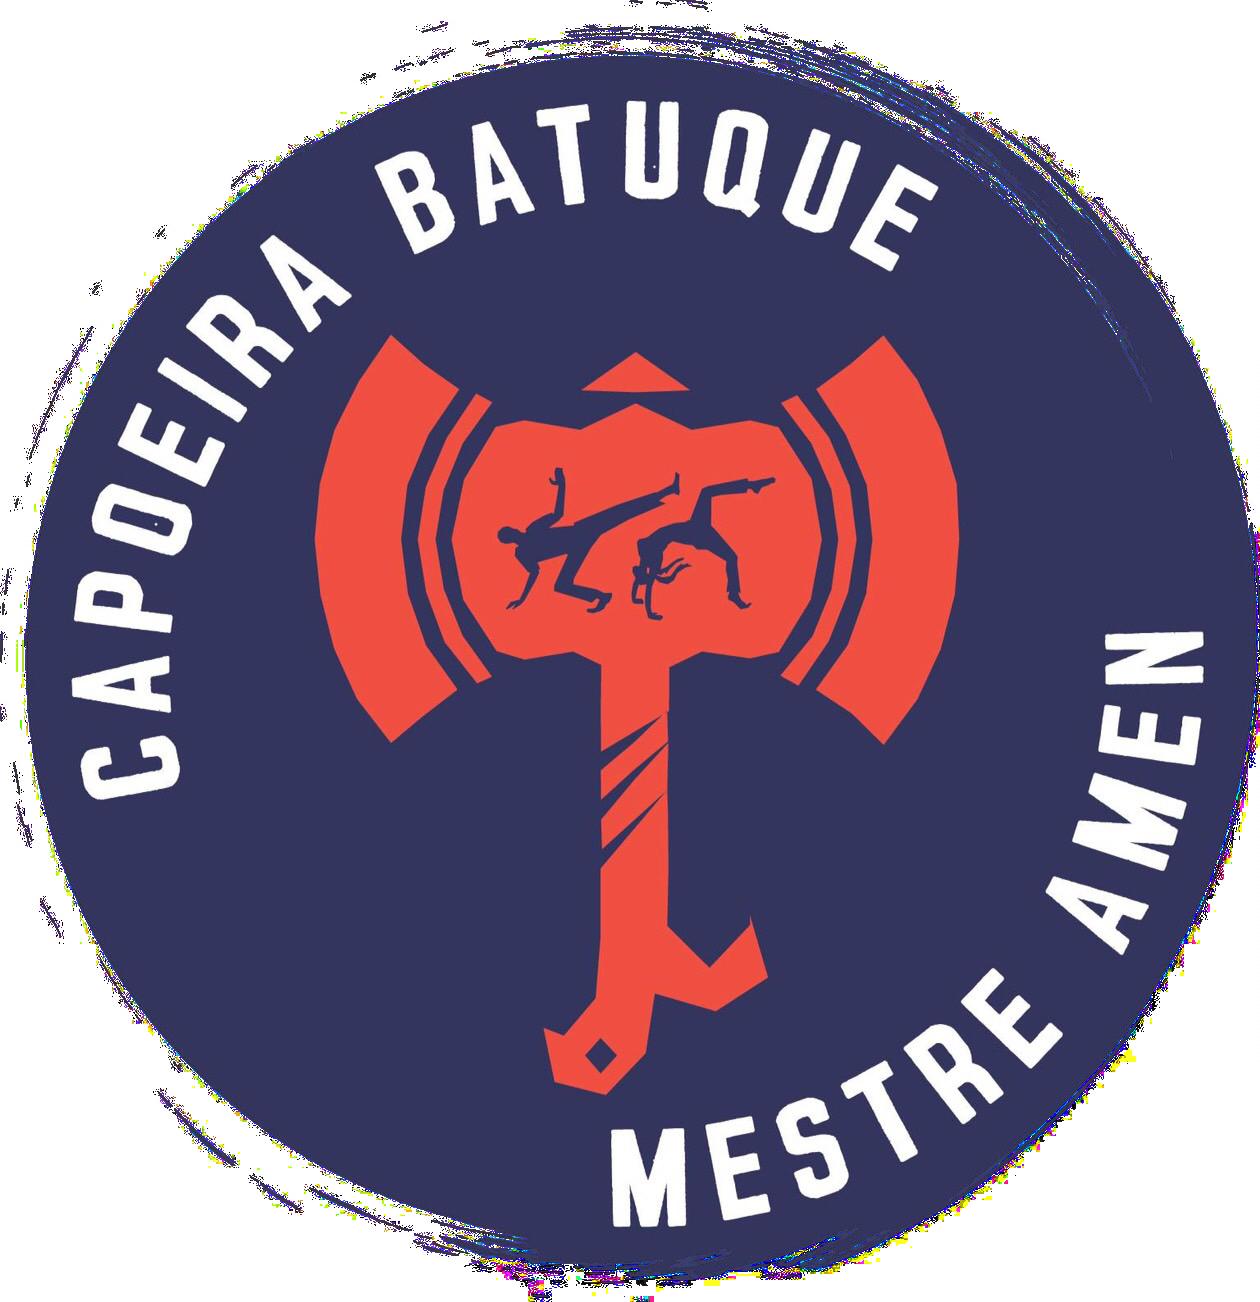 Capoeira_batuque_logo